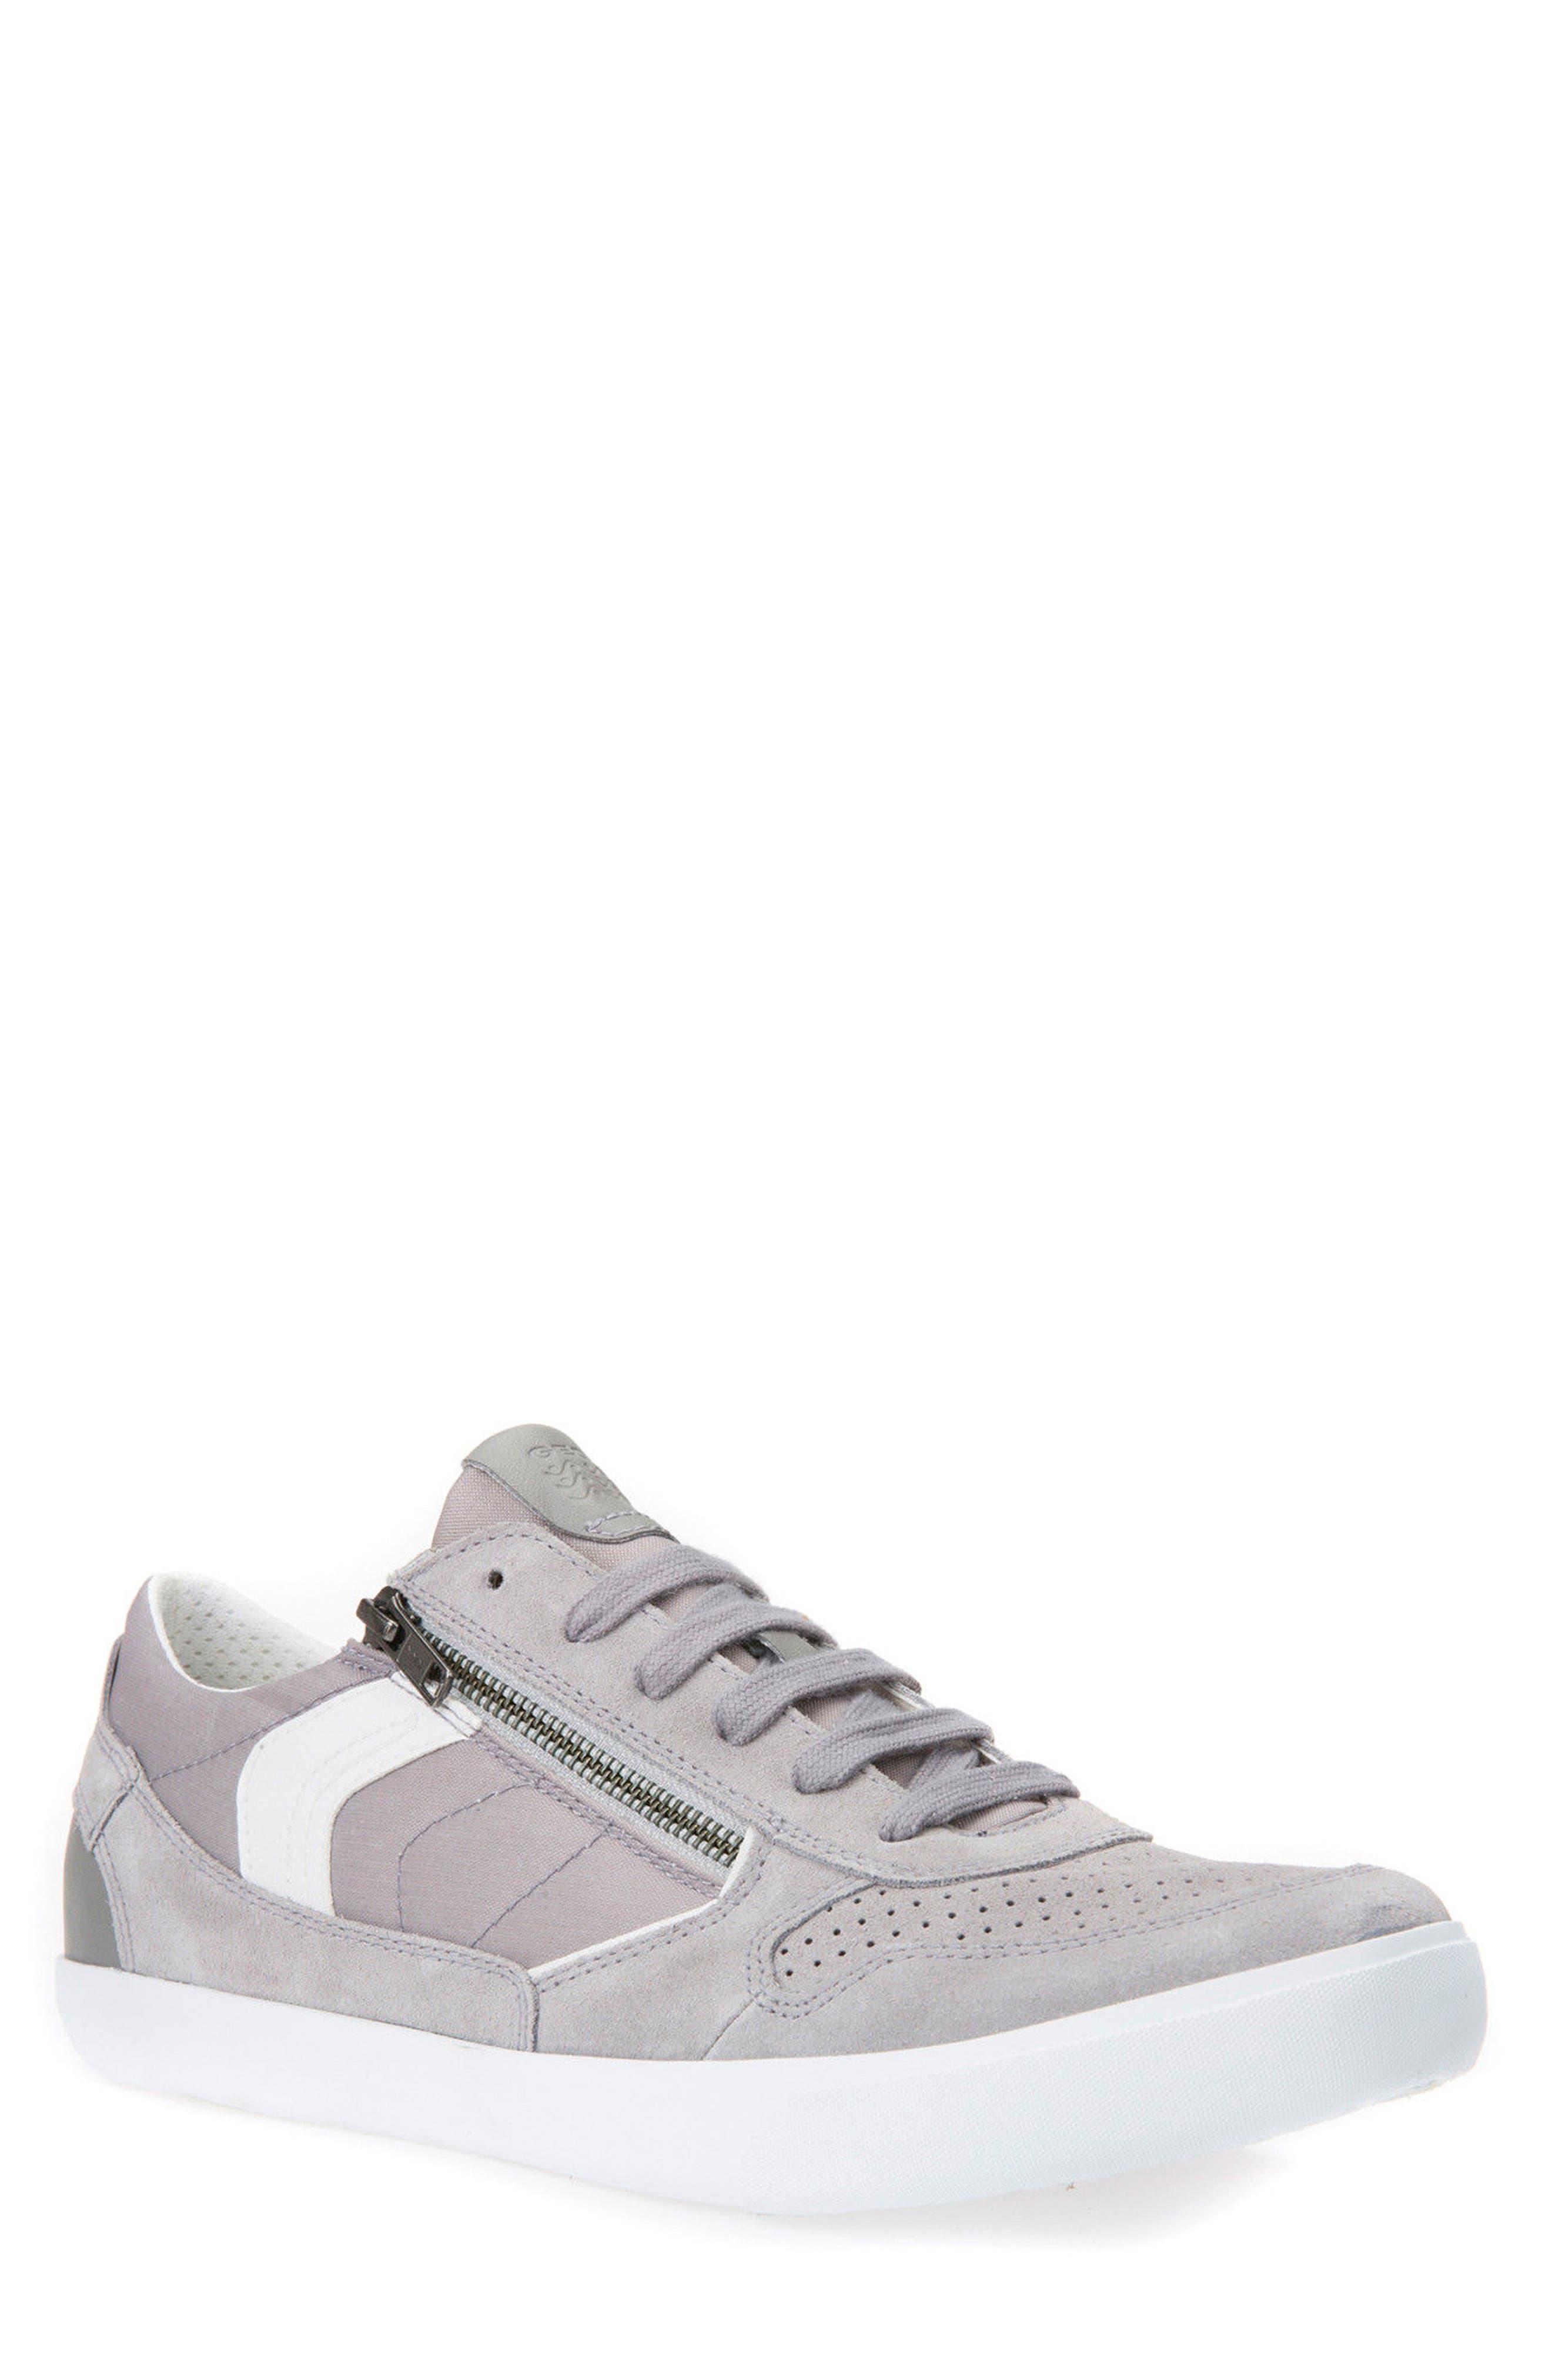 Box 33 Low Top Zip Sneaker,                         Main,                         color, 030